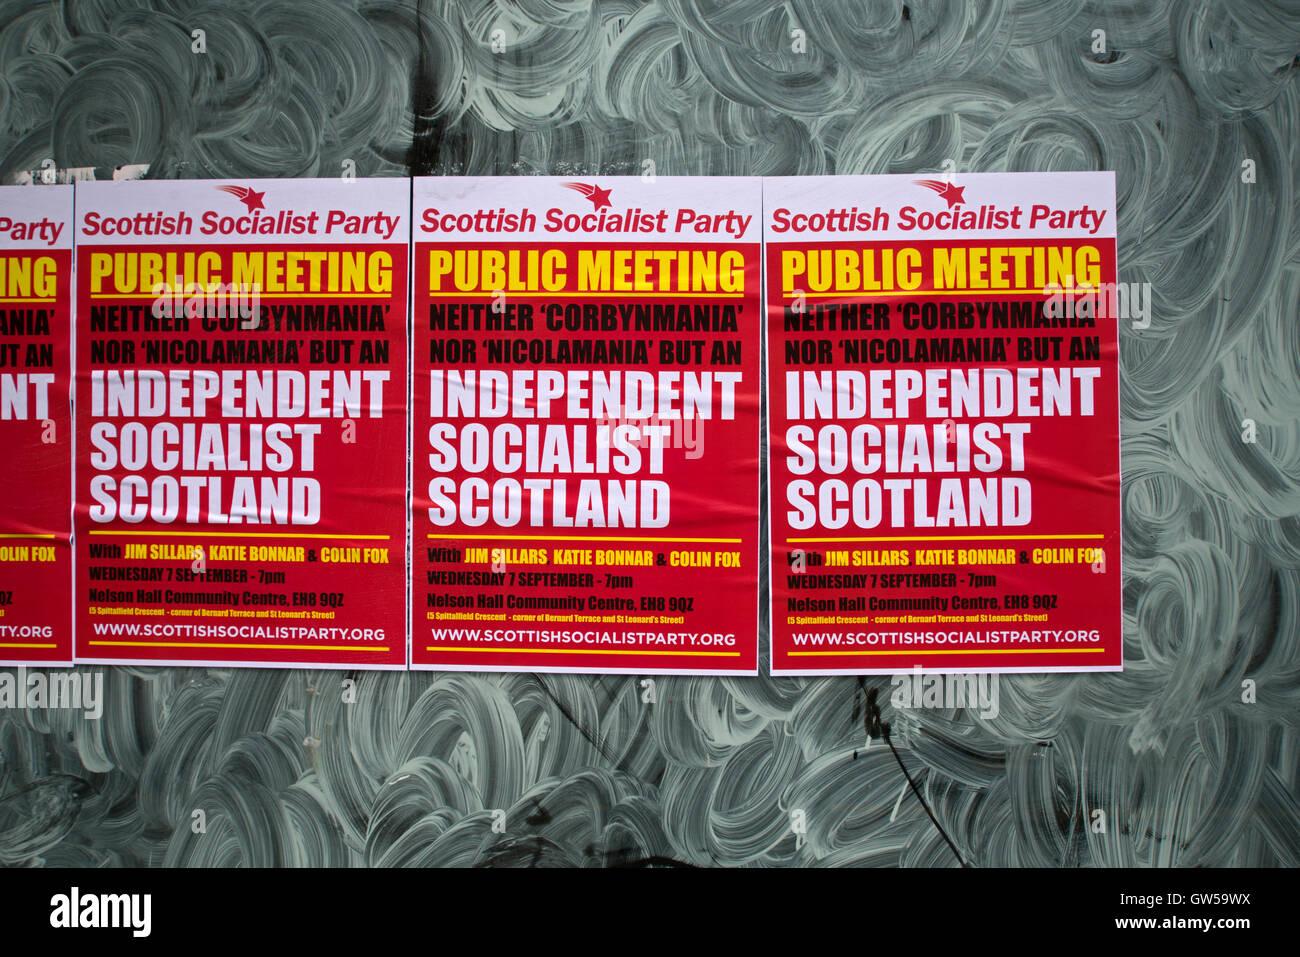 Scottish Socialist Party SSP Plakate auf dem Fenster eines leeren Ladens in Edinburgh. Stockbild